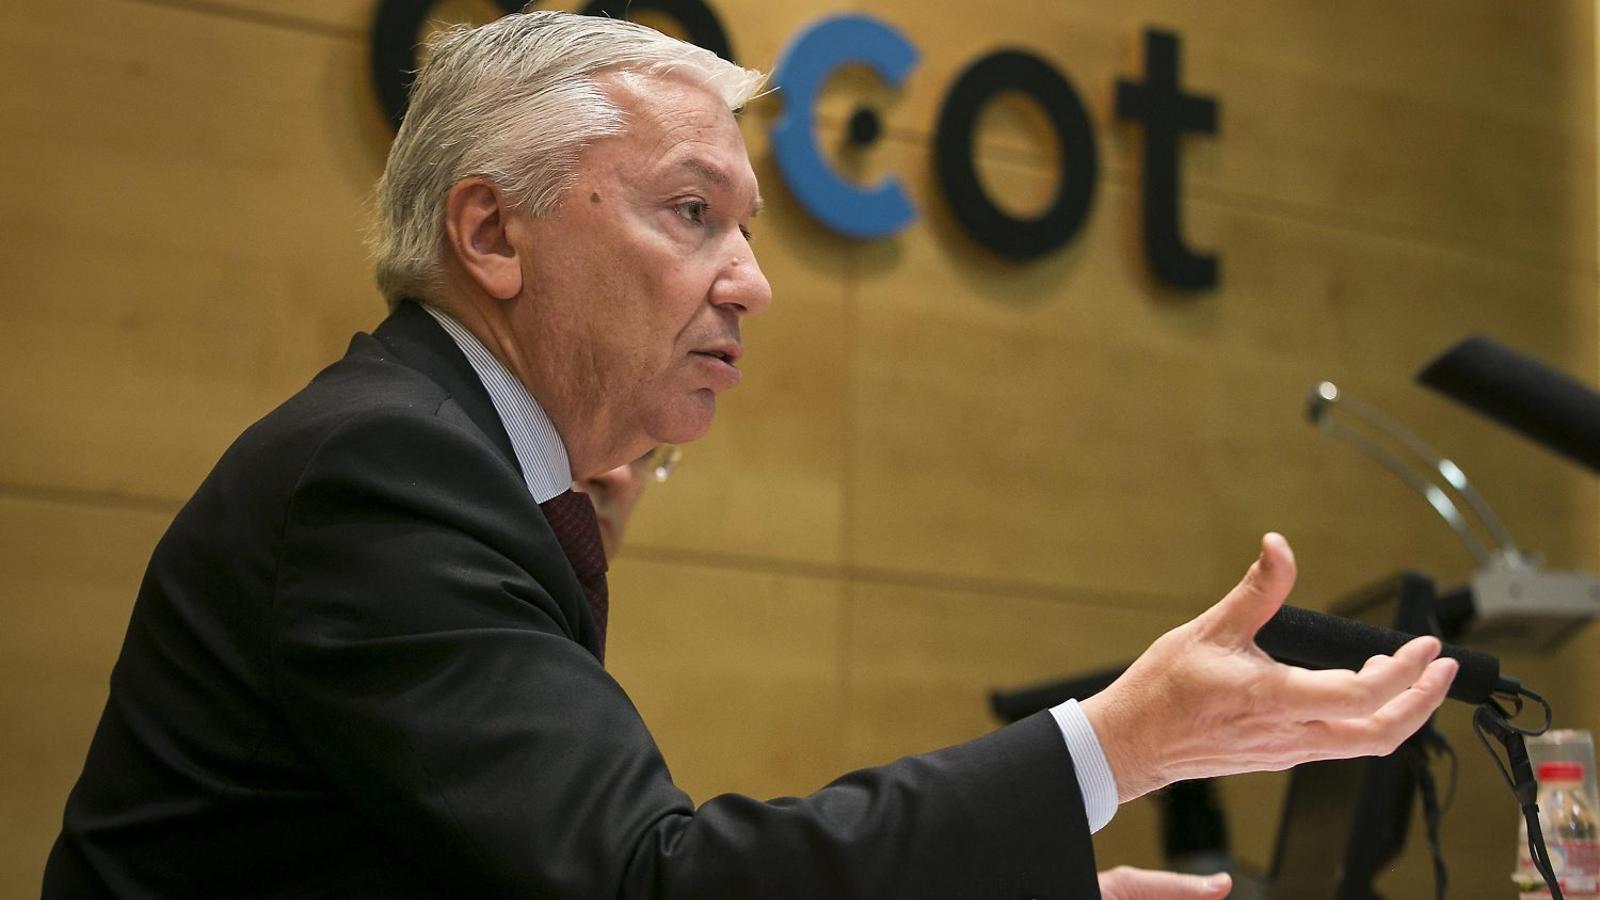 Antoni Abad, president de la Cecot, durant una trobada amb els mitjans de comunicació. / CRISTINA CALDERER